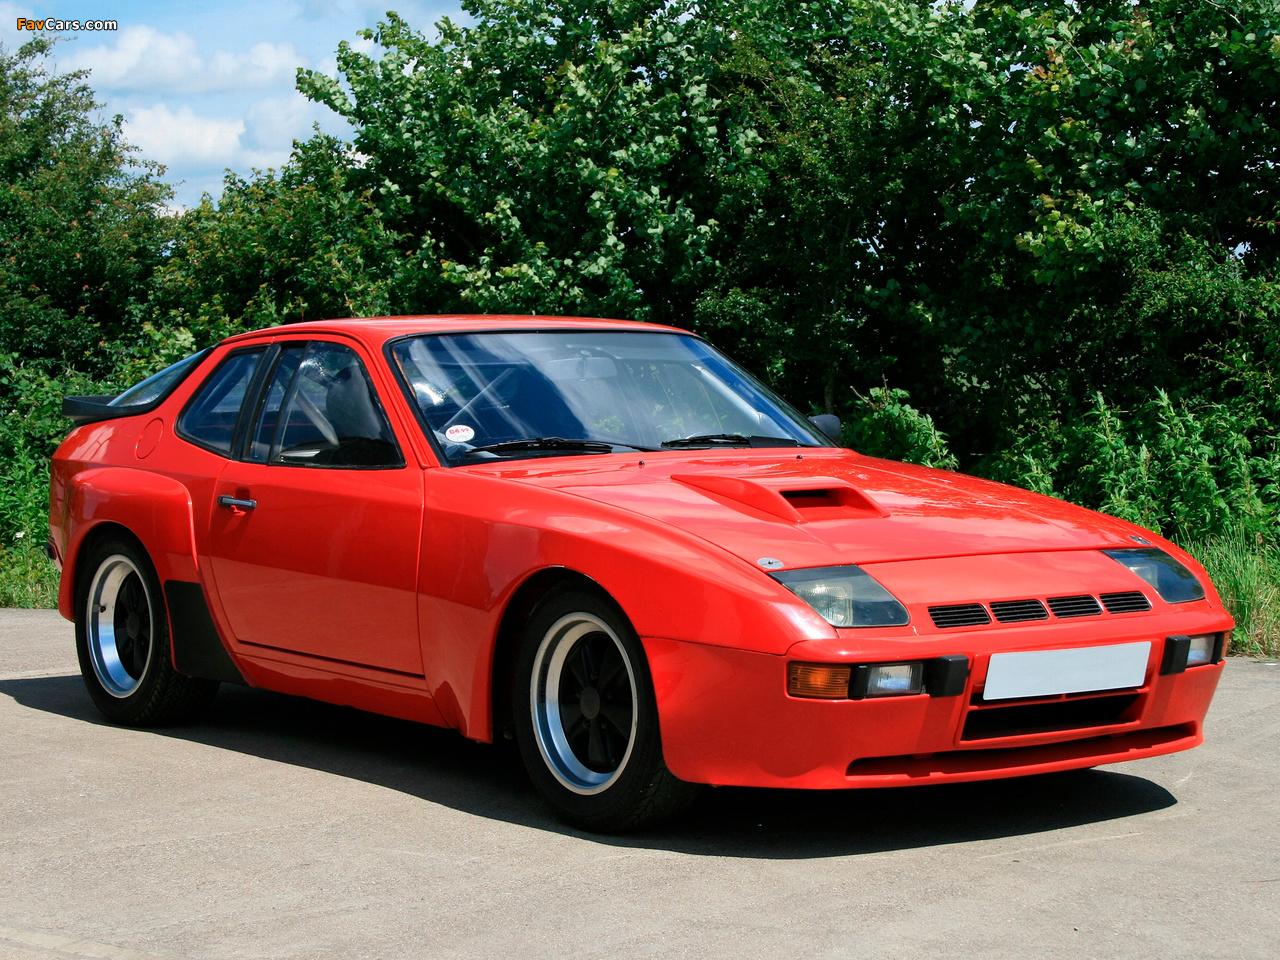 Porsche 924 Carrera GTS (937) 1981 photos (1280 x 960)